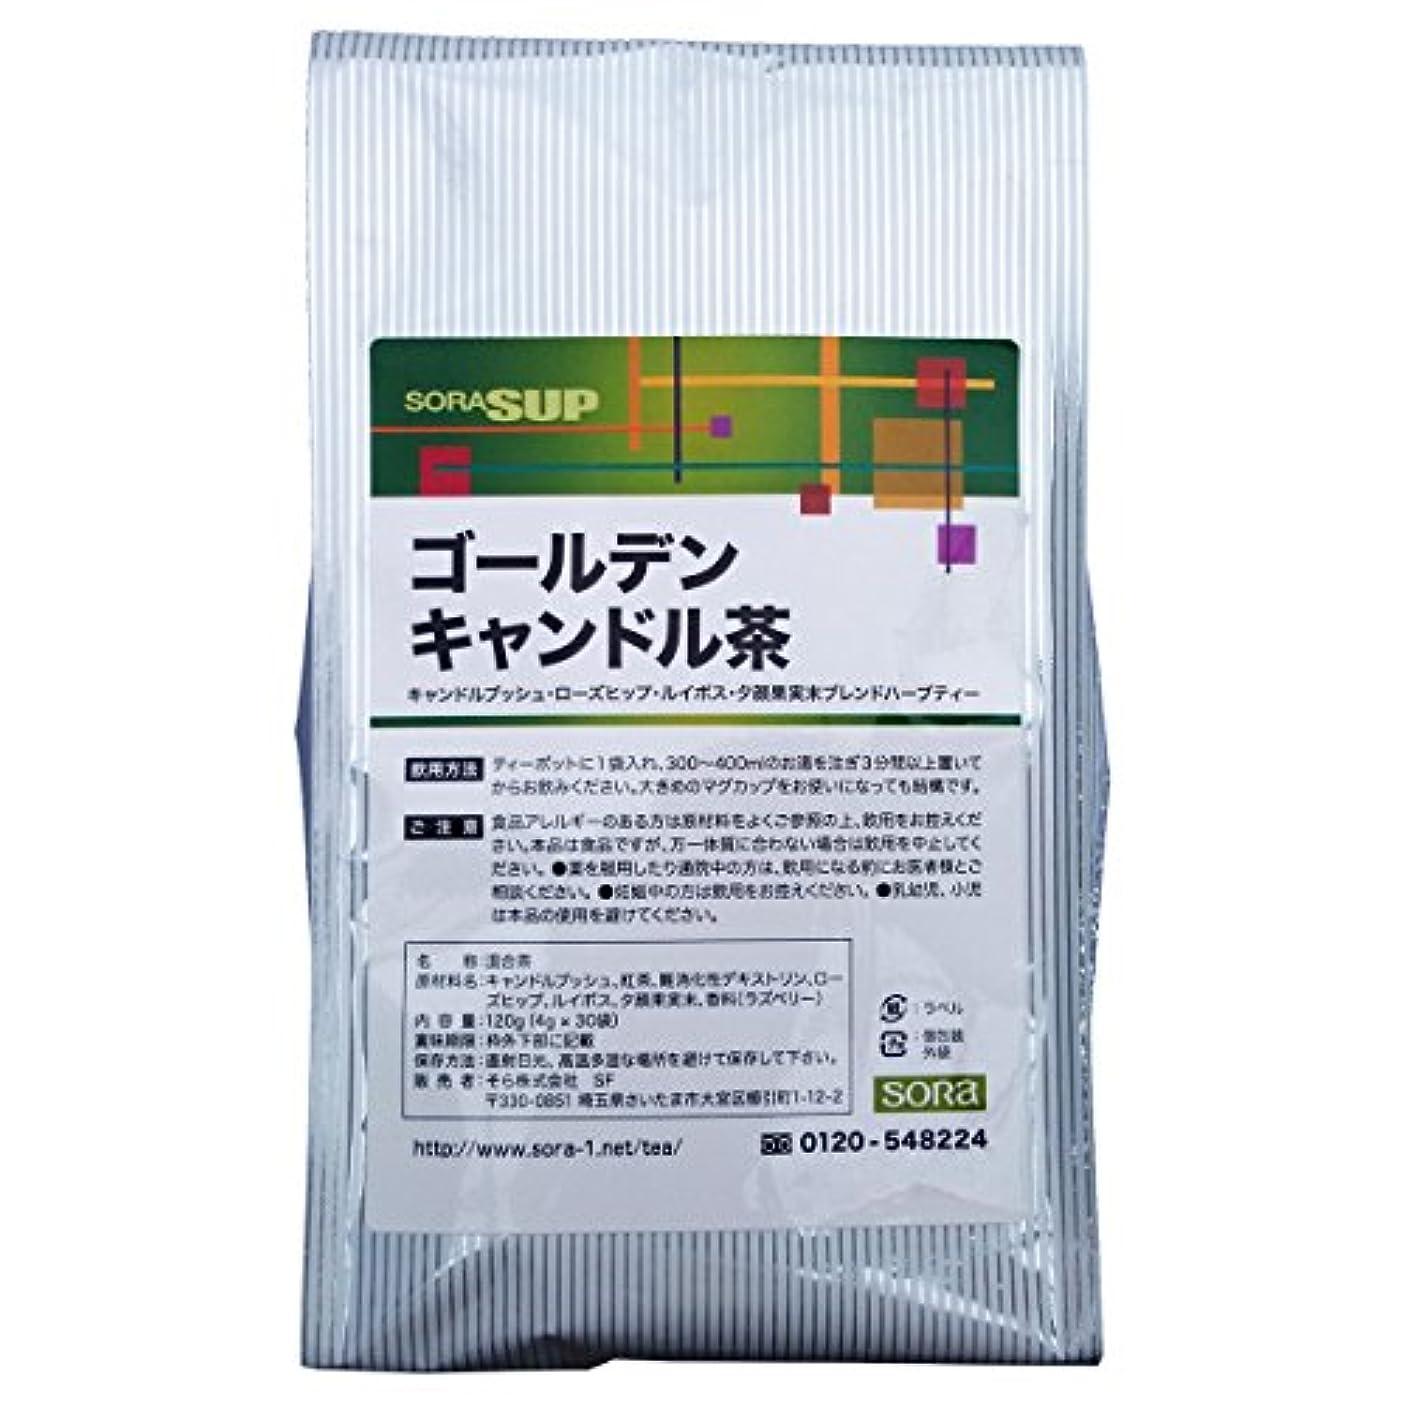 ペン迷惑嬉しいですそら ゴールデンキャンドル茶 (主成分キャンドルブッシュ) 【4gティーパック × 30包】